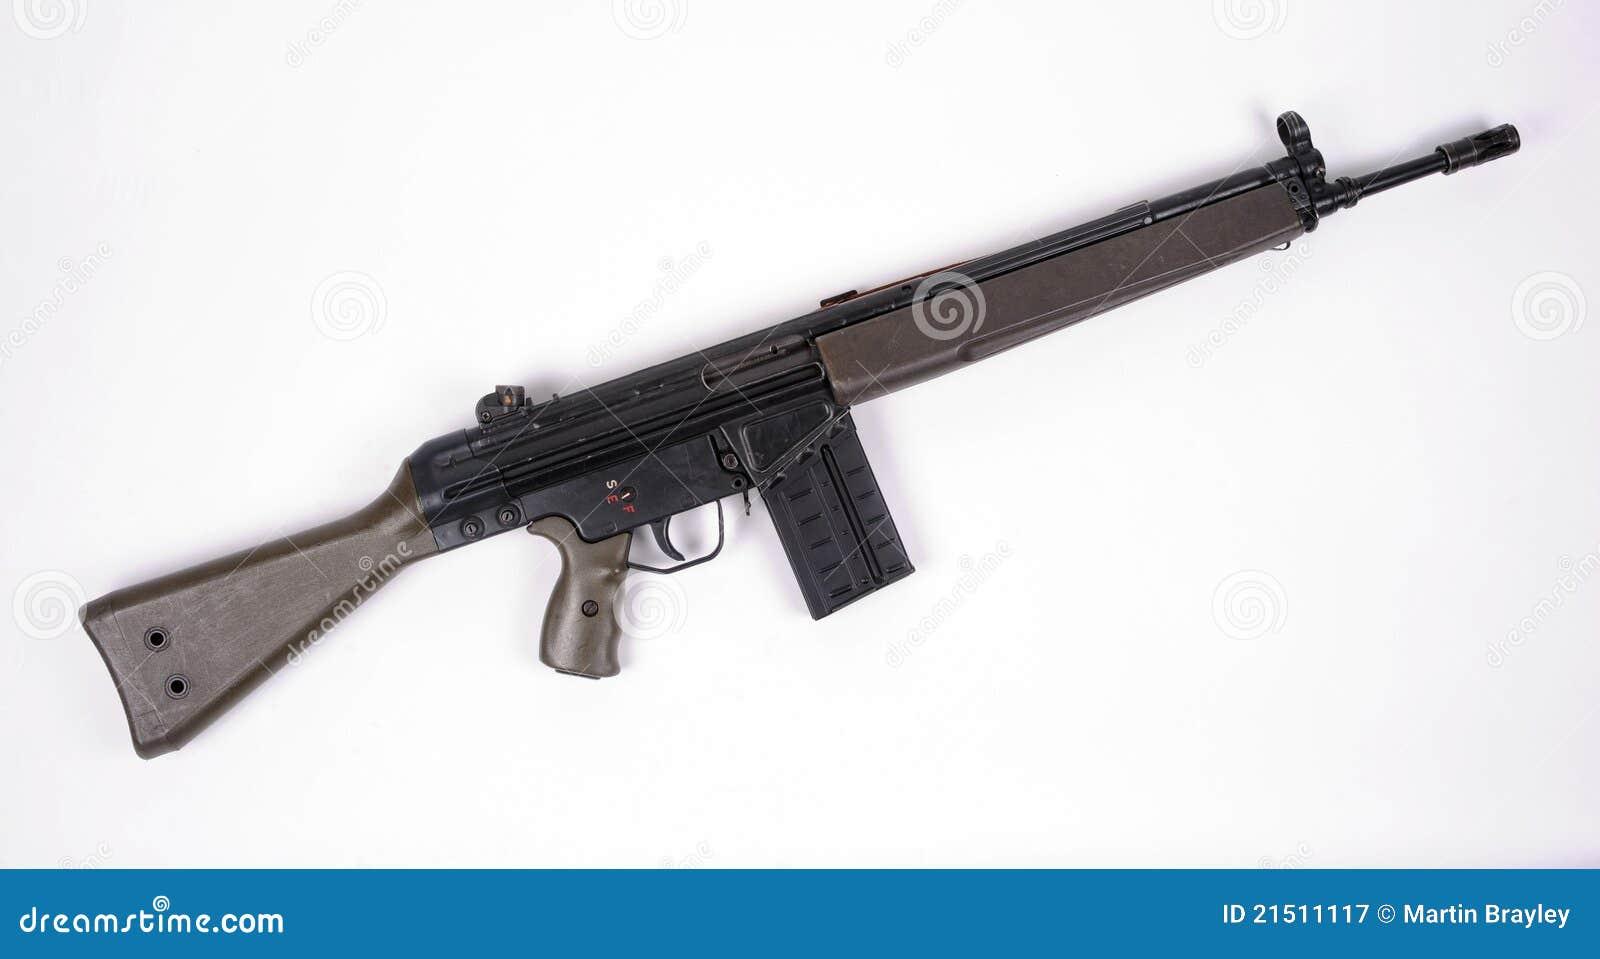 German G3 assault rifle.